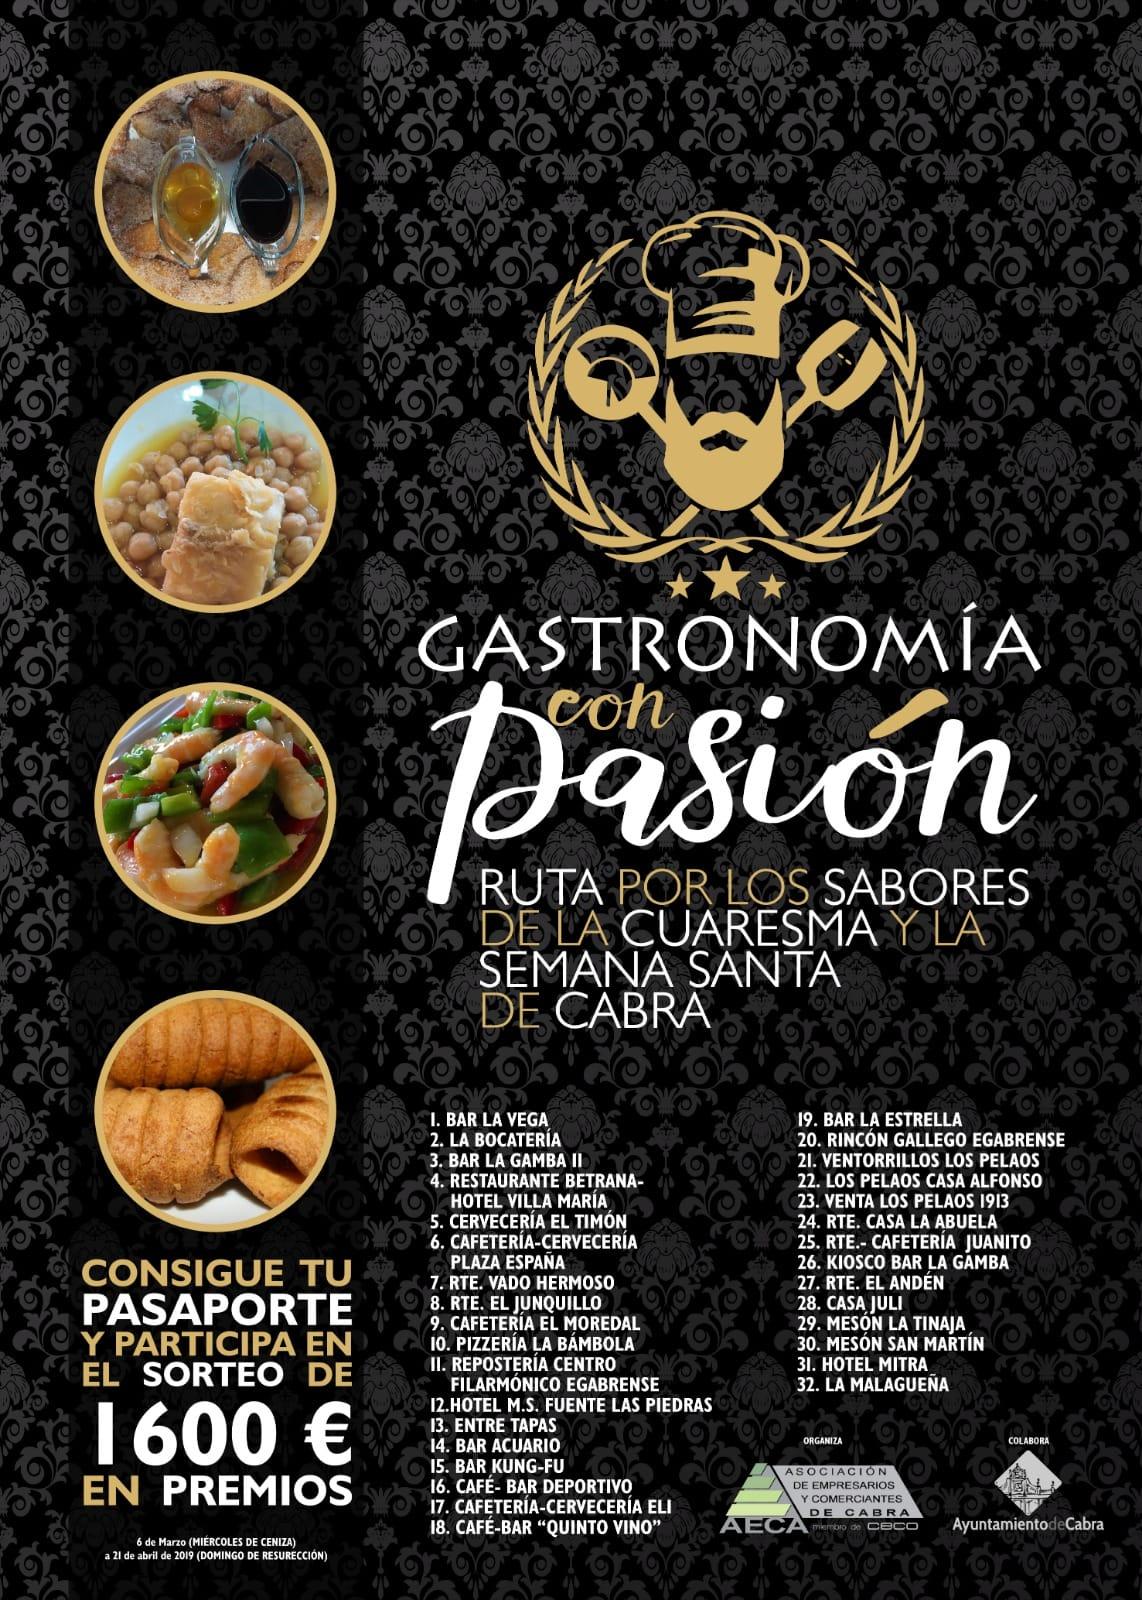 Más de una treintena de establecimientos hosteleros se suman a la ruta Gastronomía con Pasión